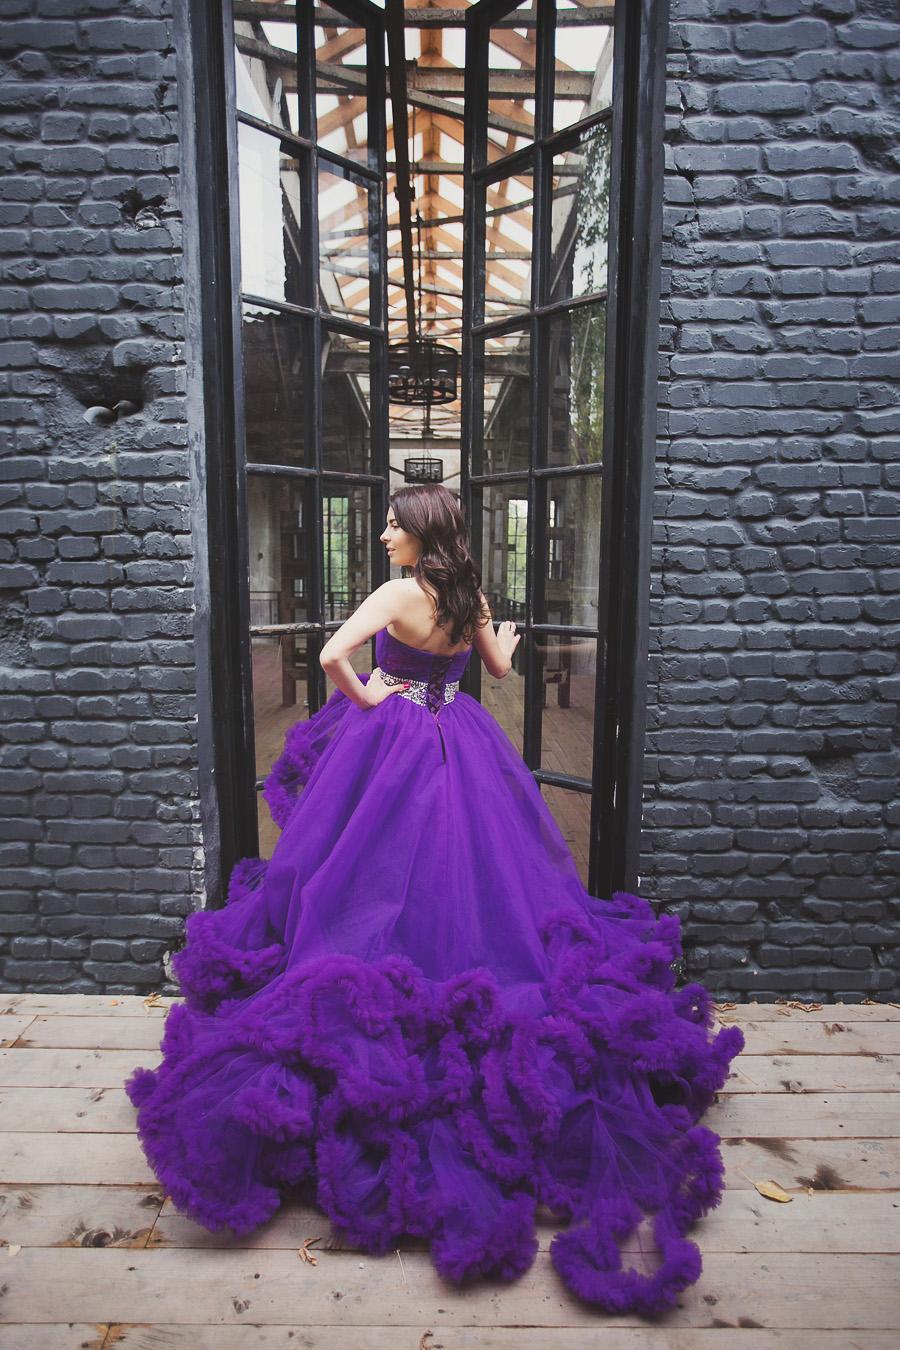 Пышное платье на фоне стены в стиле лофт